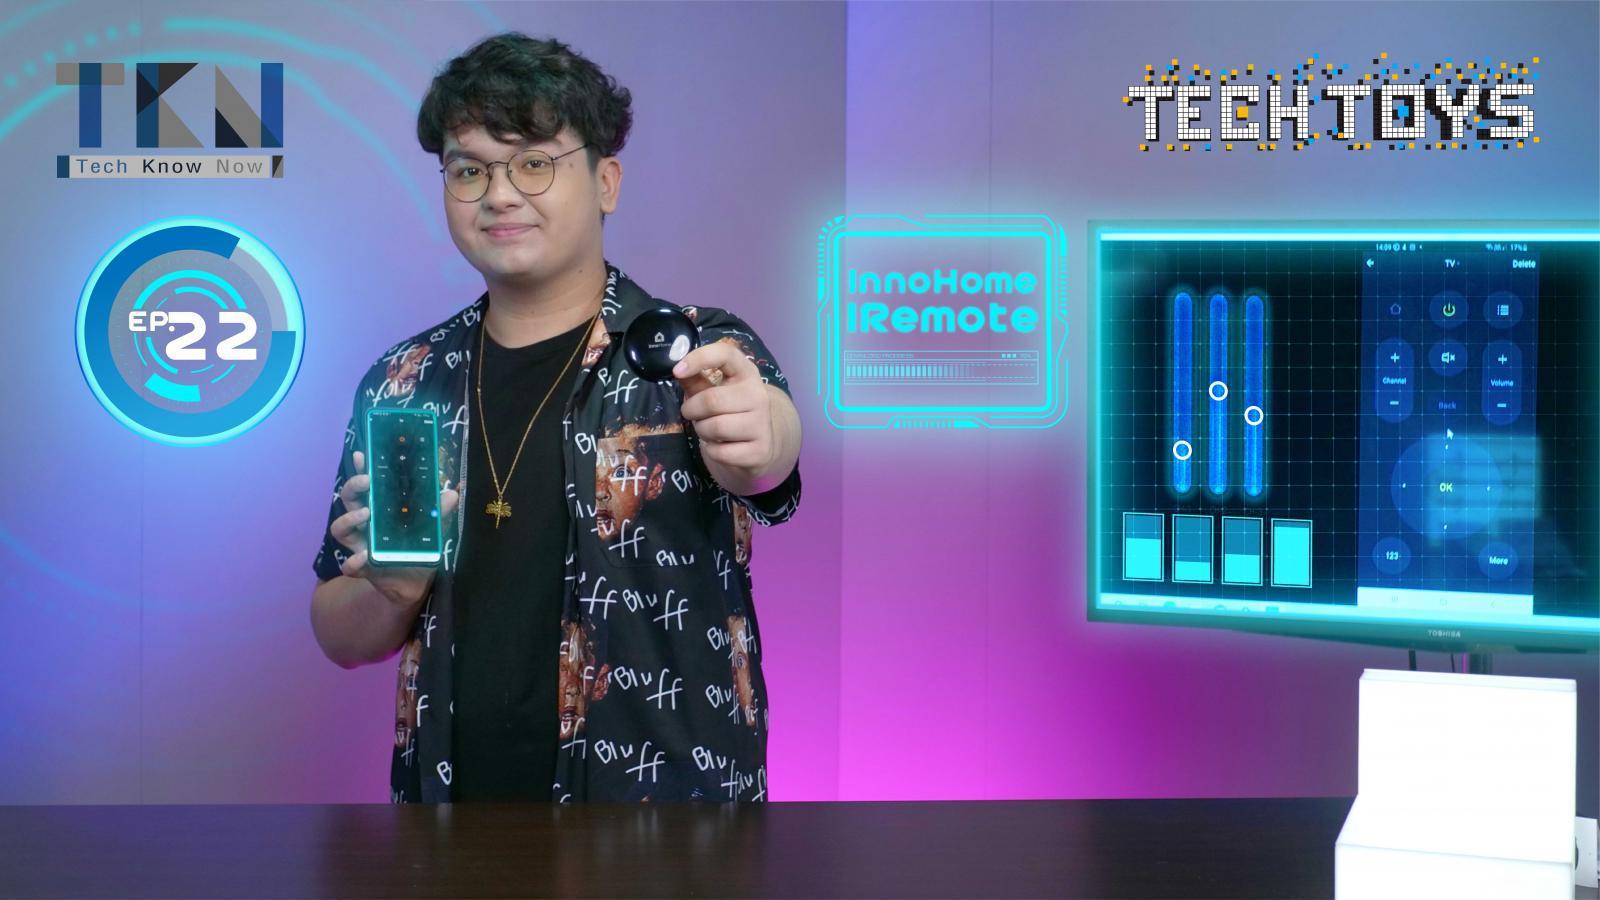 Tech Know Now EP.22 | InnoHome iRemote รีโมทอัจฉริยะ ควบคุมผ่าน WIFI  | PPTV HD 36